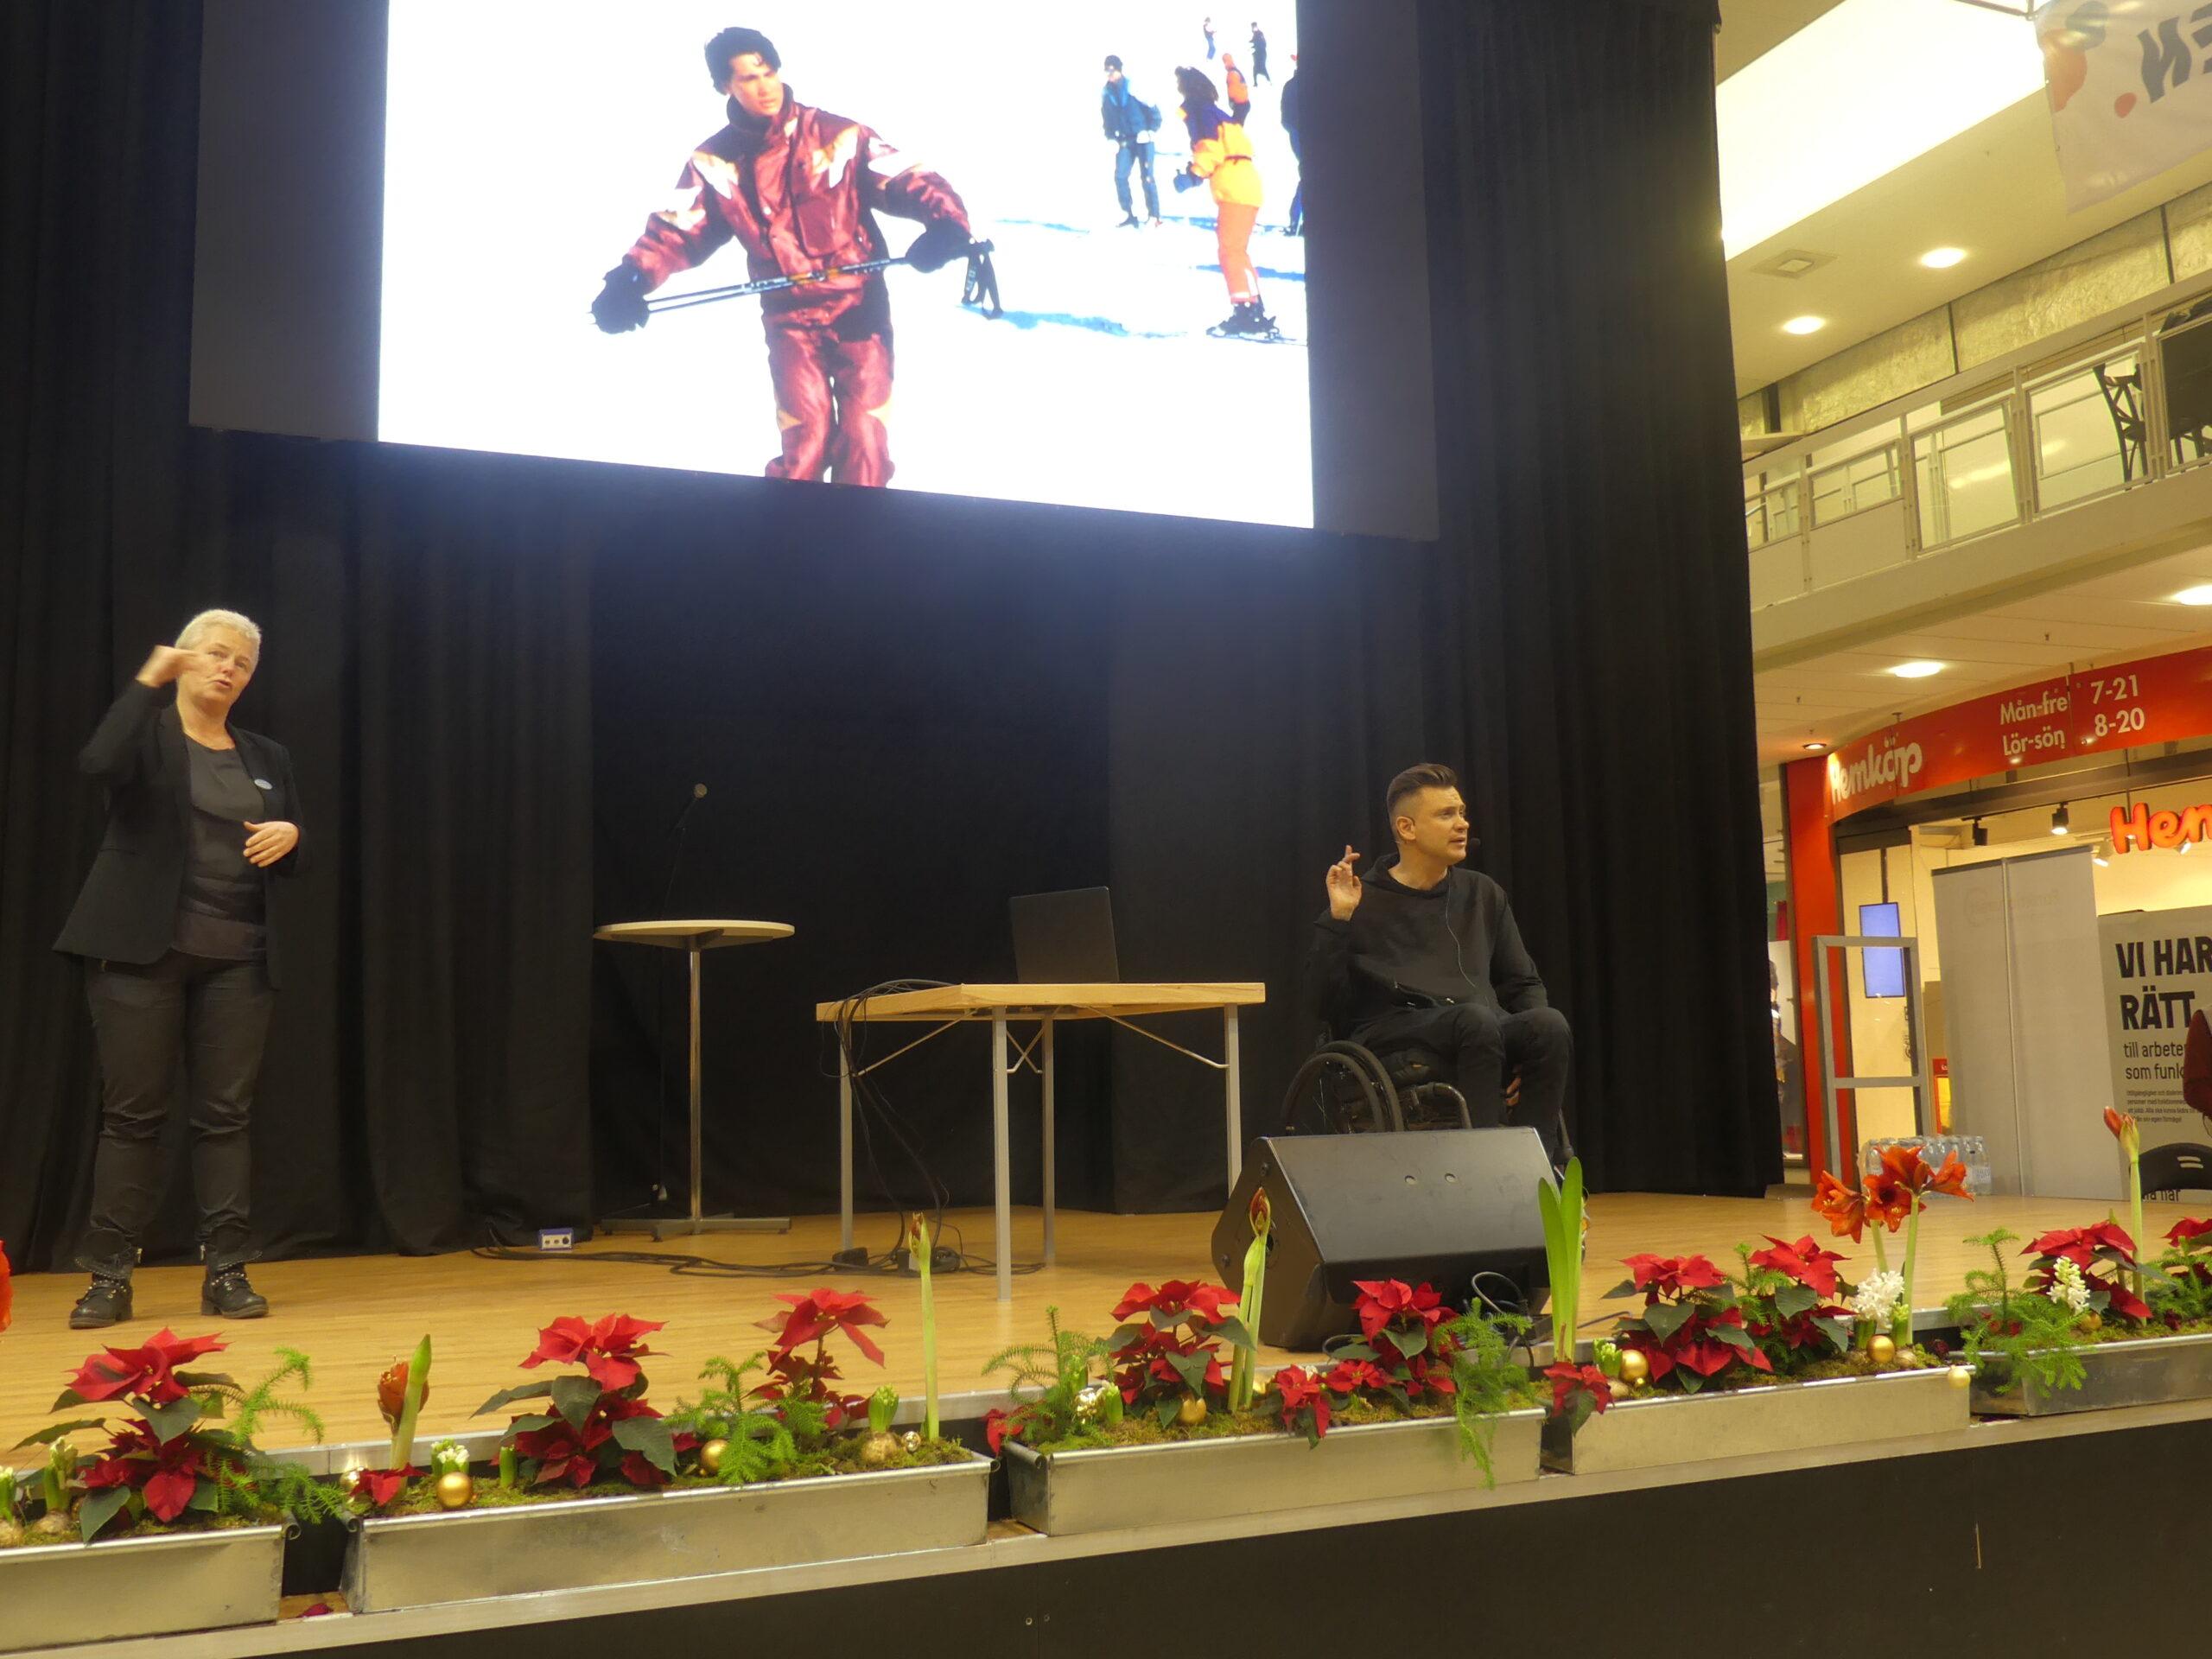 Anders Westgerd, verksamhetsledare GIL, berättade om sin erfarenhet av att bli rullstolsburen efter en skidolycka och om GIL:s aktivism mot diskriminering av personer med funktionsnedsättning.